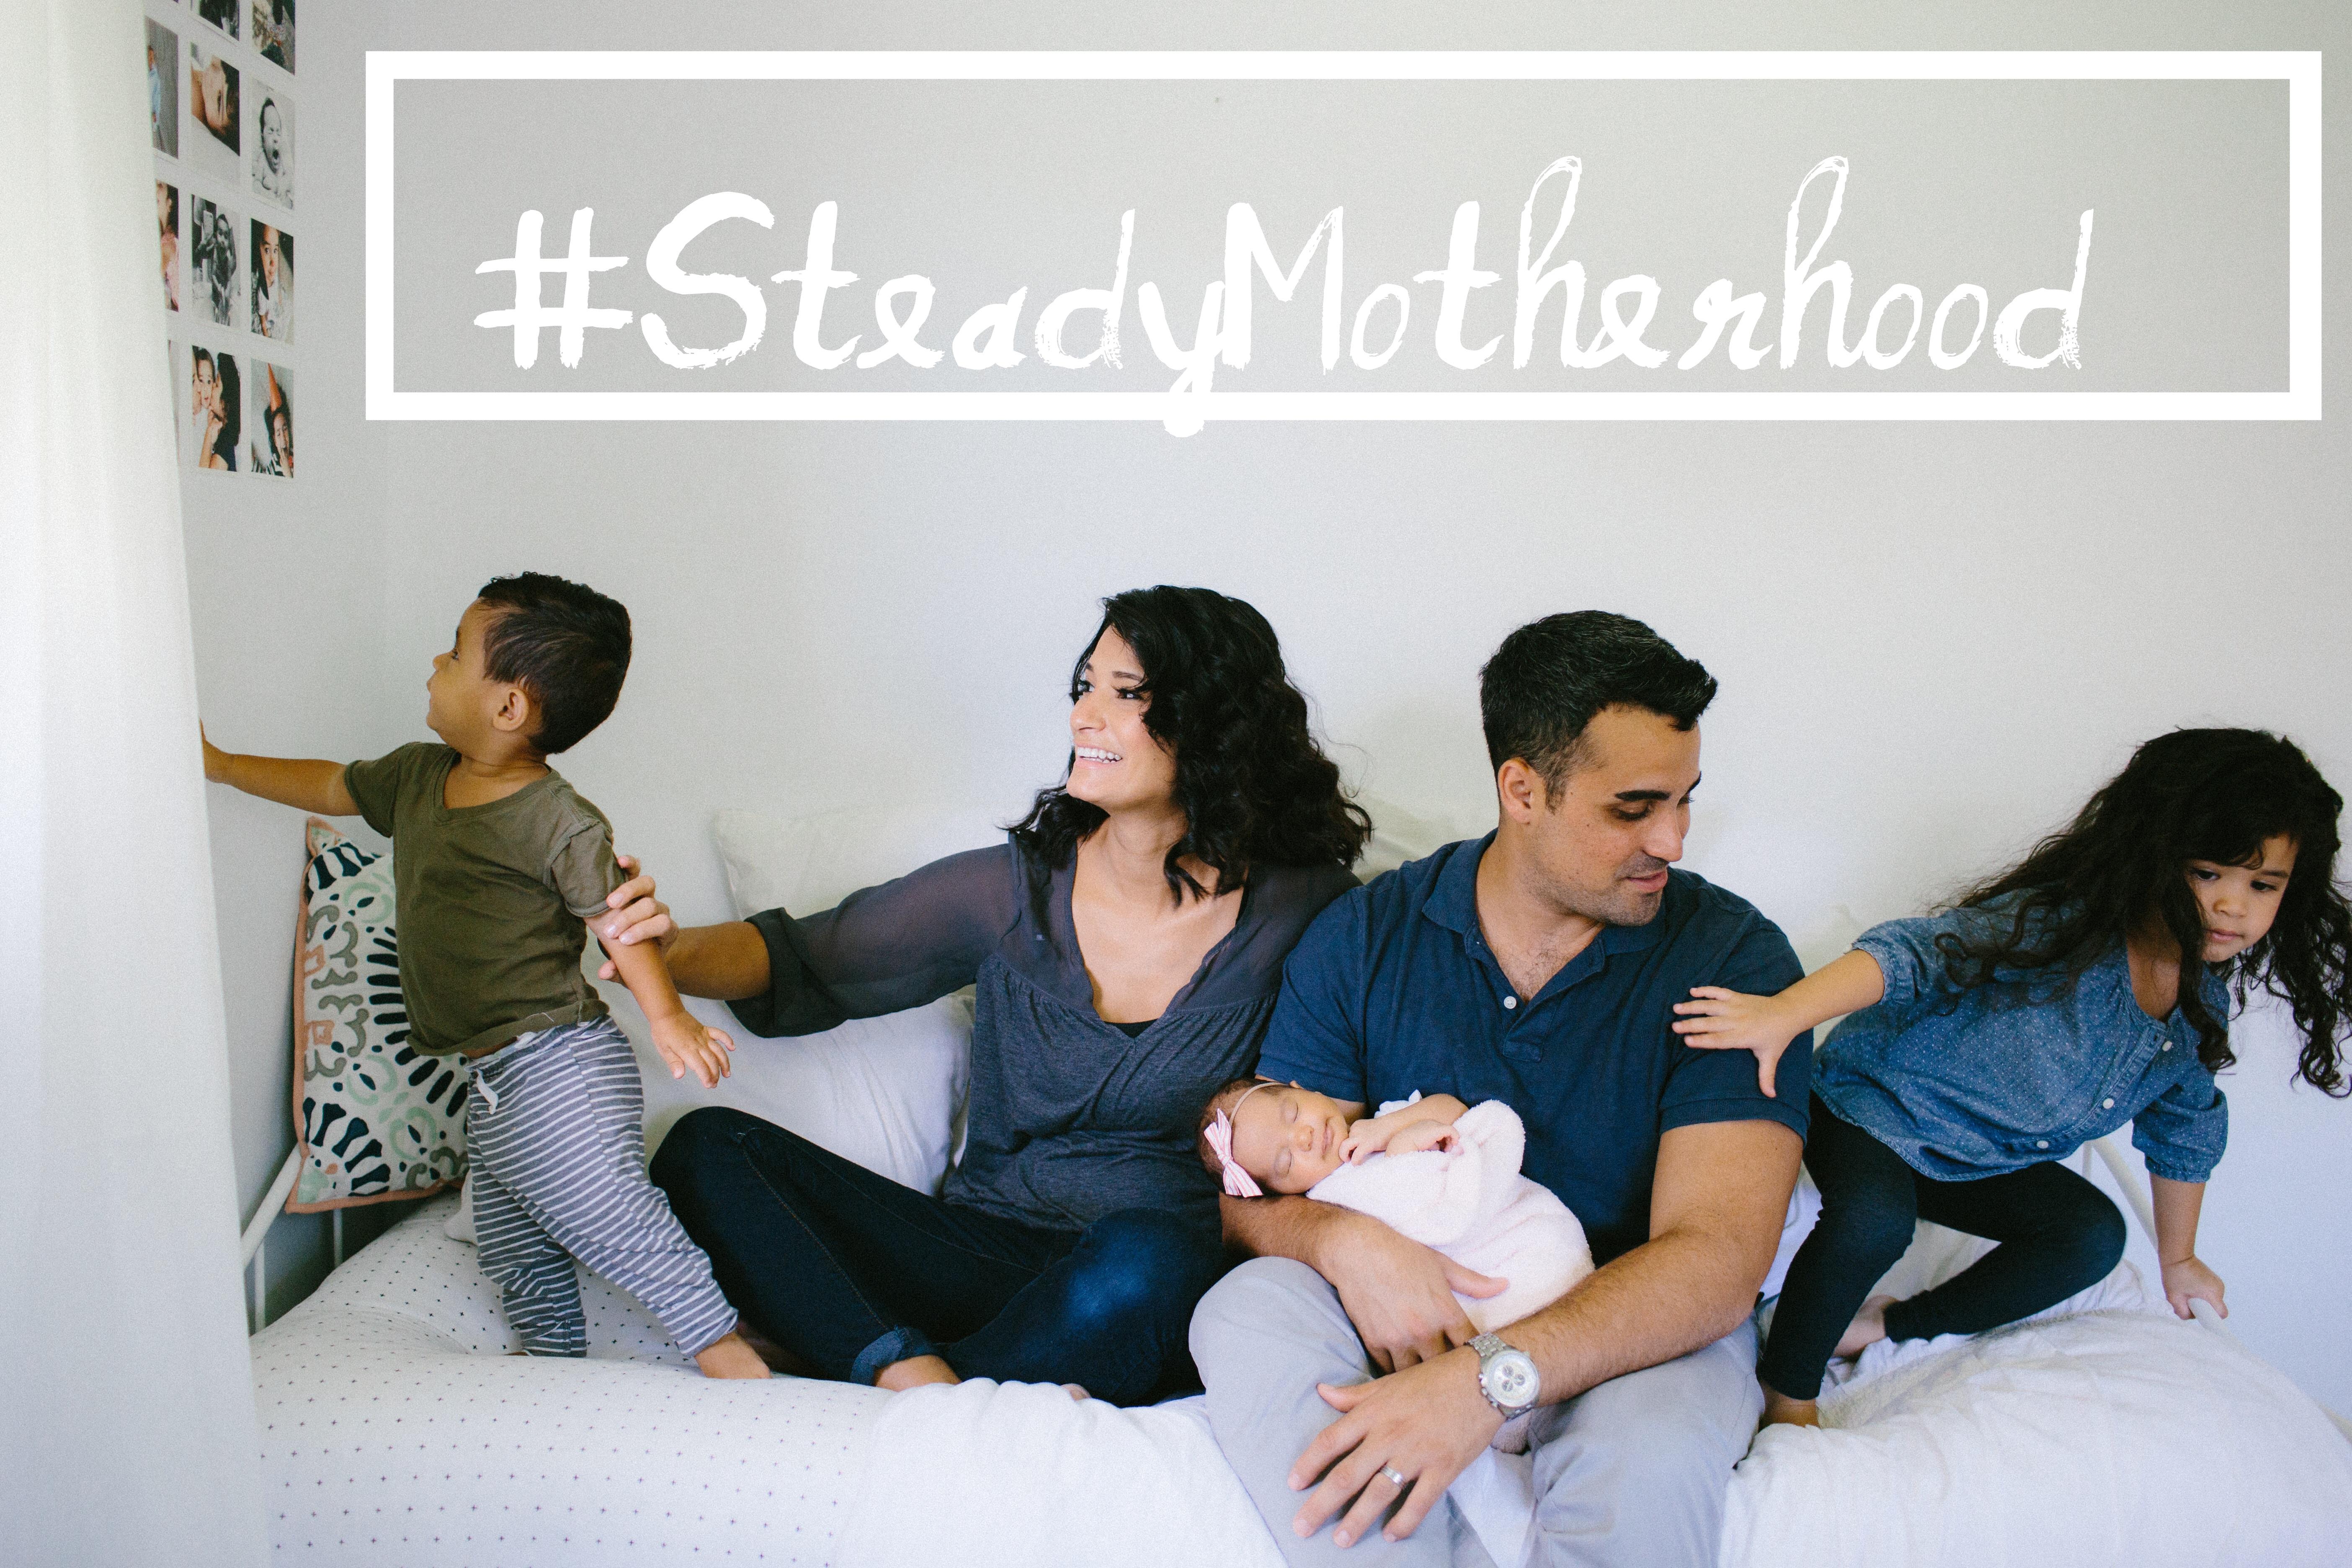 Steady motherhood